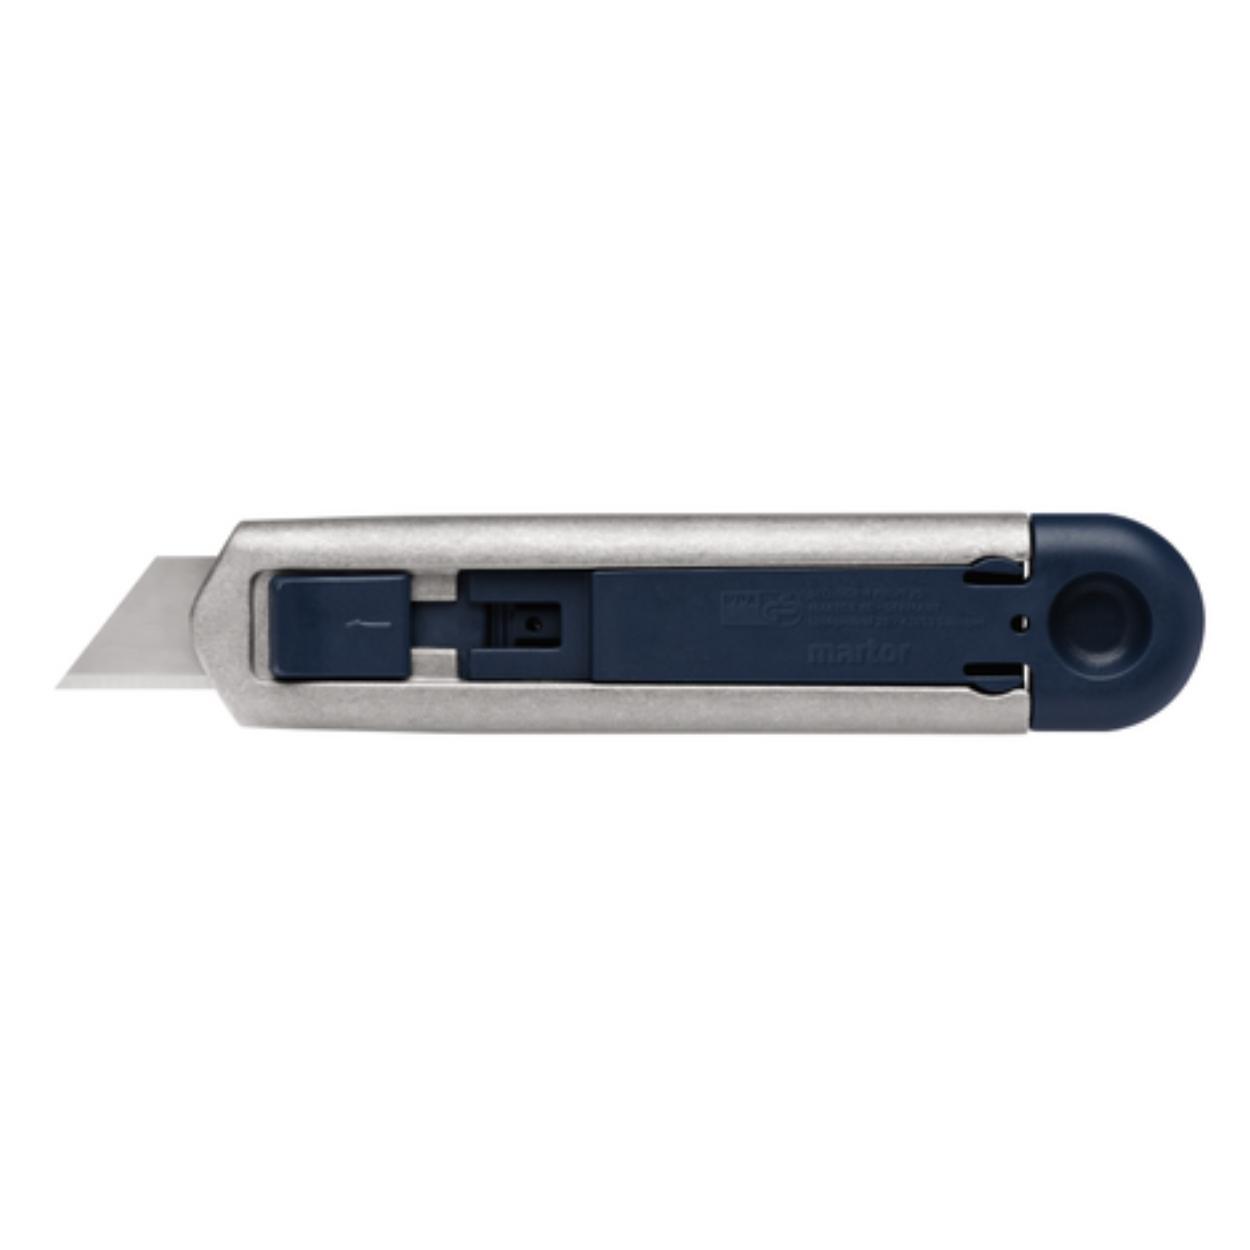 SECUNORM PROFI25 - Detekovatelný bezpečnostní nůž